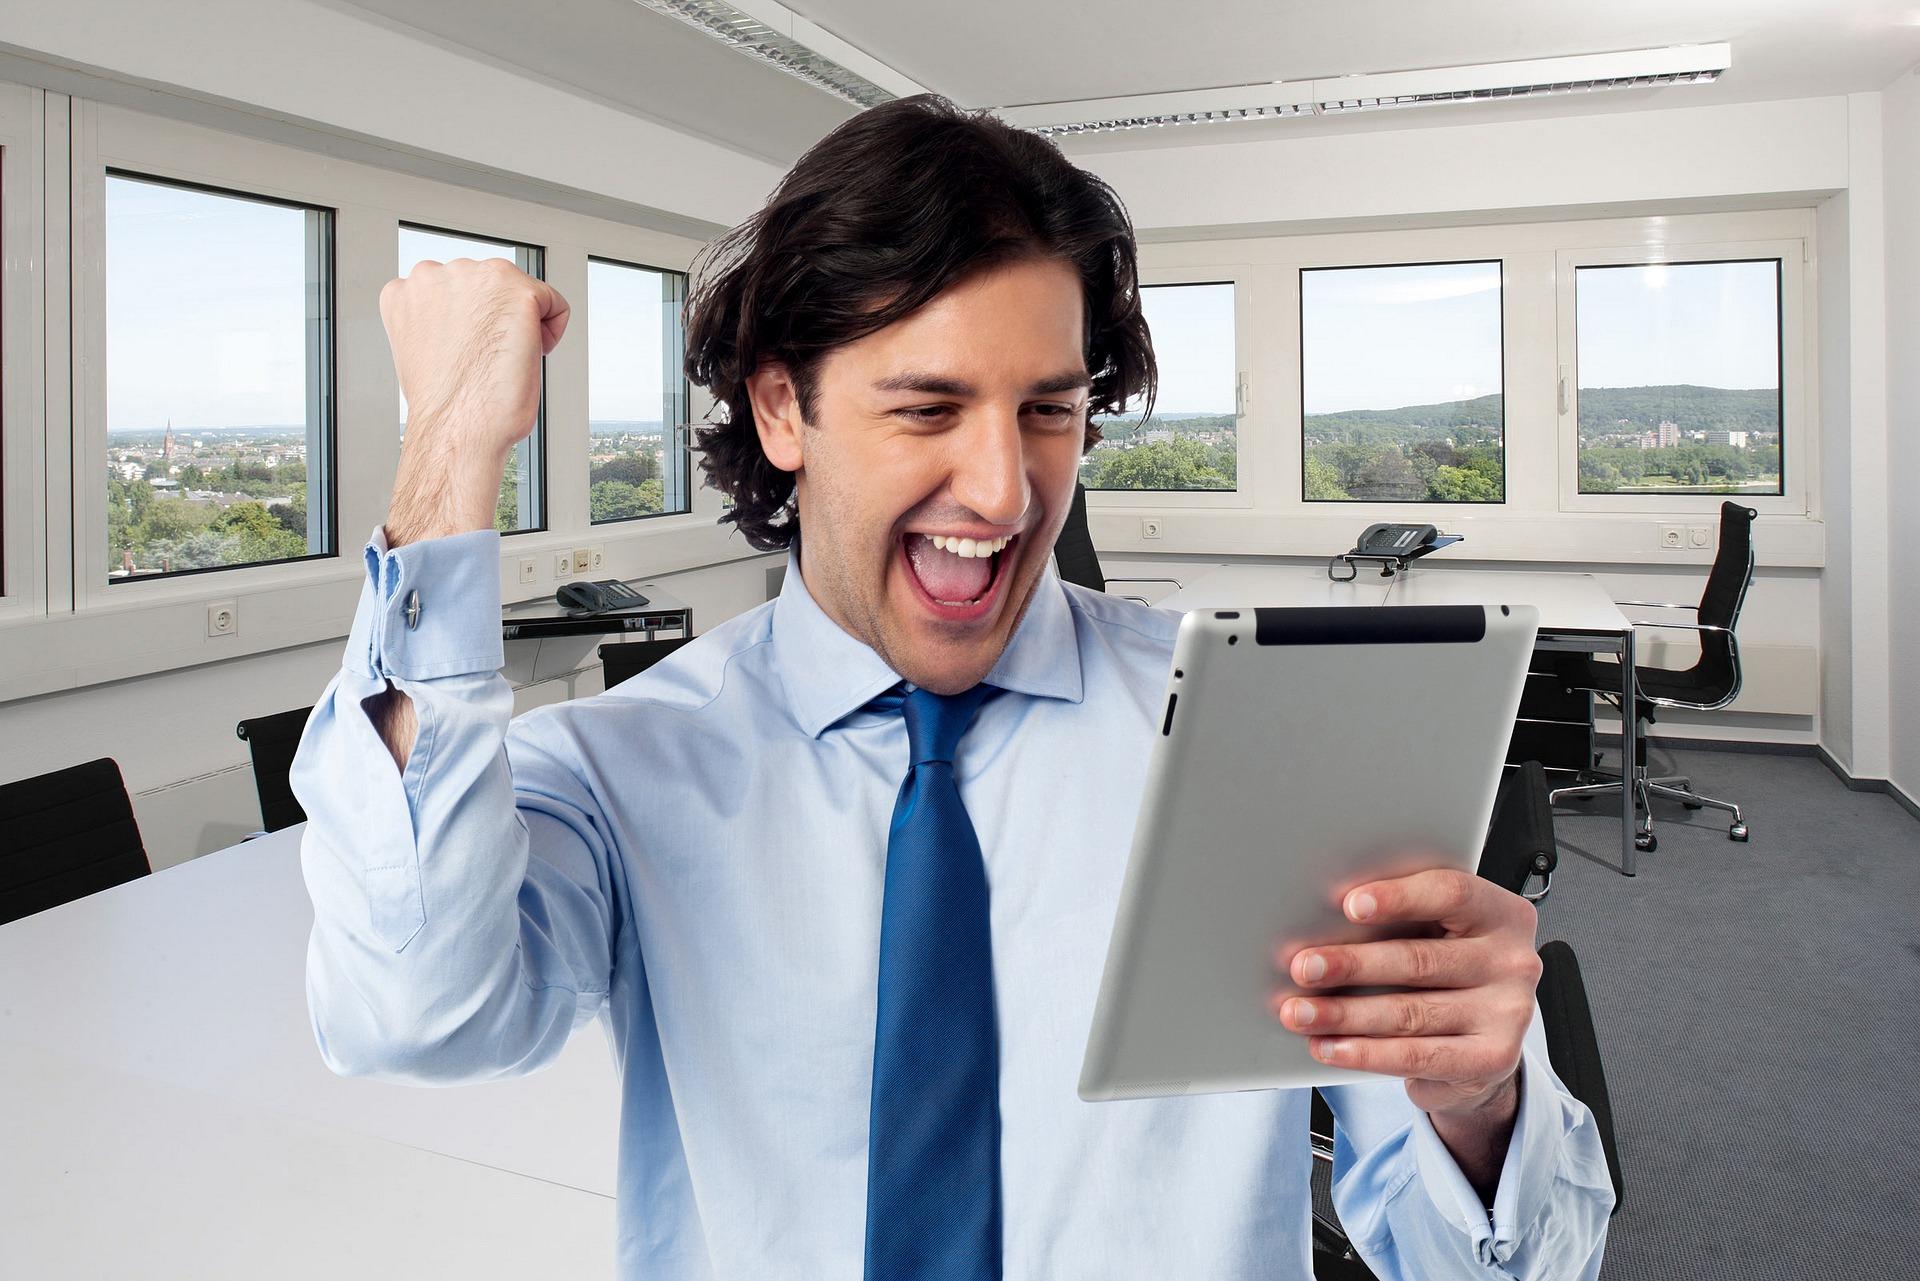 Imagem de um empresário feliz olhando uma prancheta. Imagem ilustrativa texto tipos de negócios.